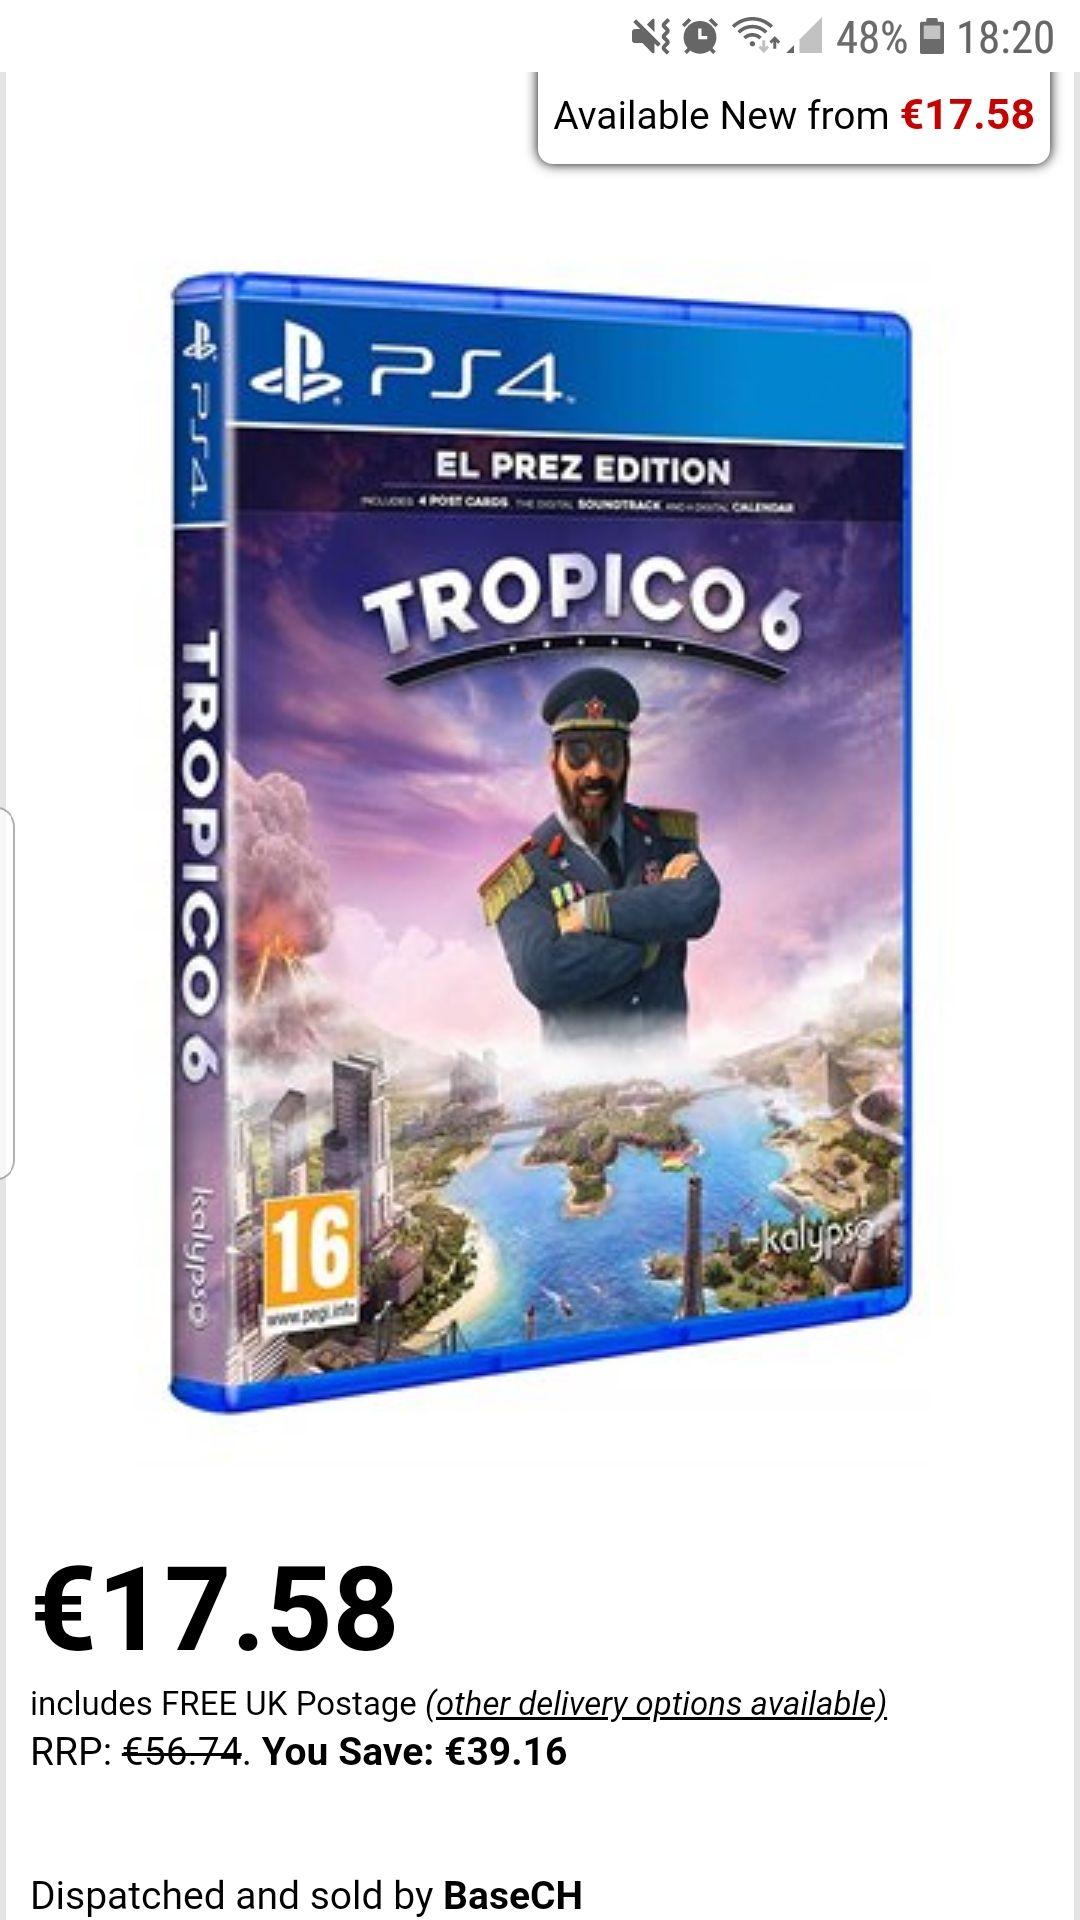 Tropico 6 - El Prez Edition (PS4) BASE 17.58€